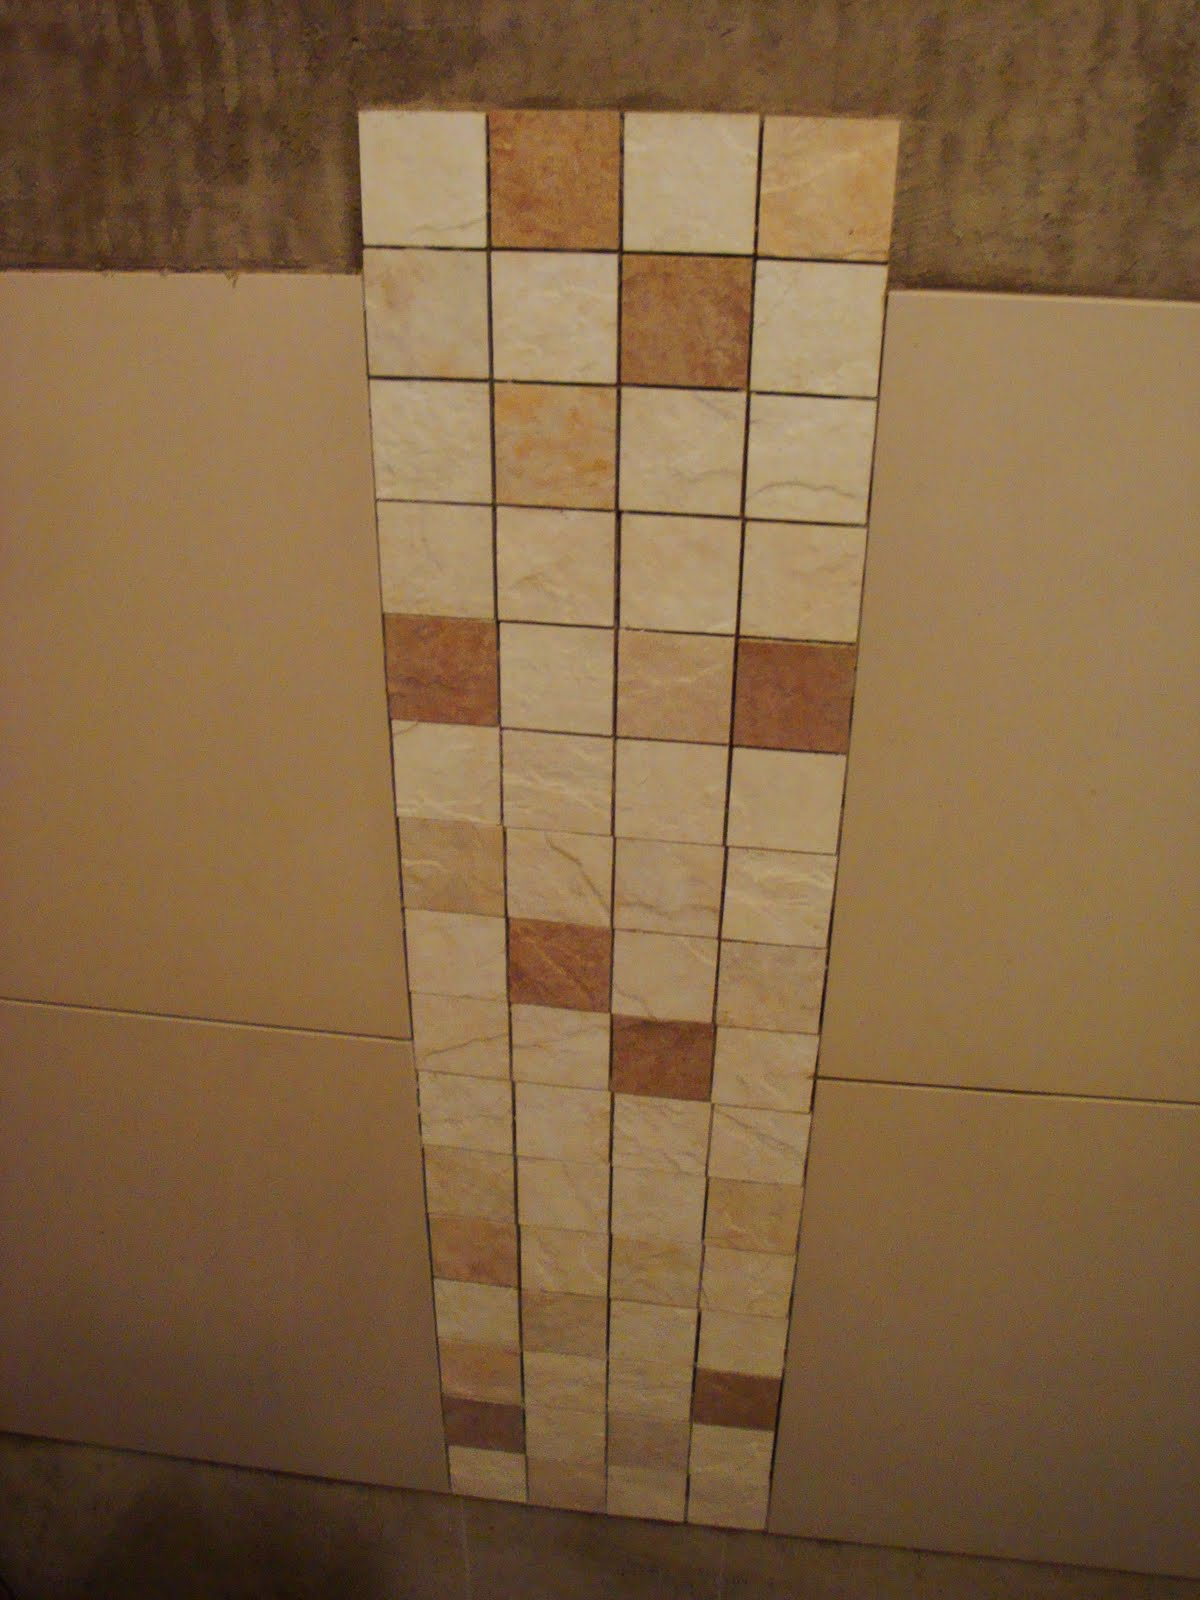 Banheiro Com Nicho Vertical  rinkratmagcom banheiros decorados 2017 -> Nicho Banheiro Vertical